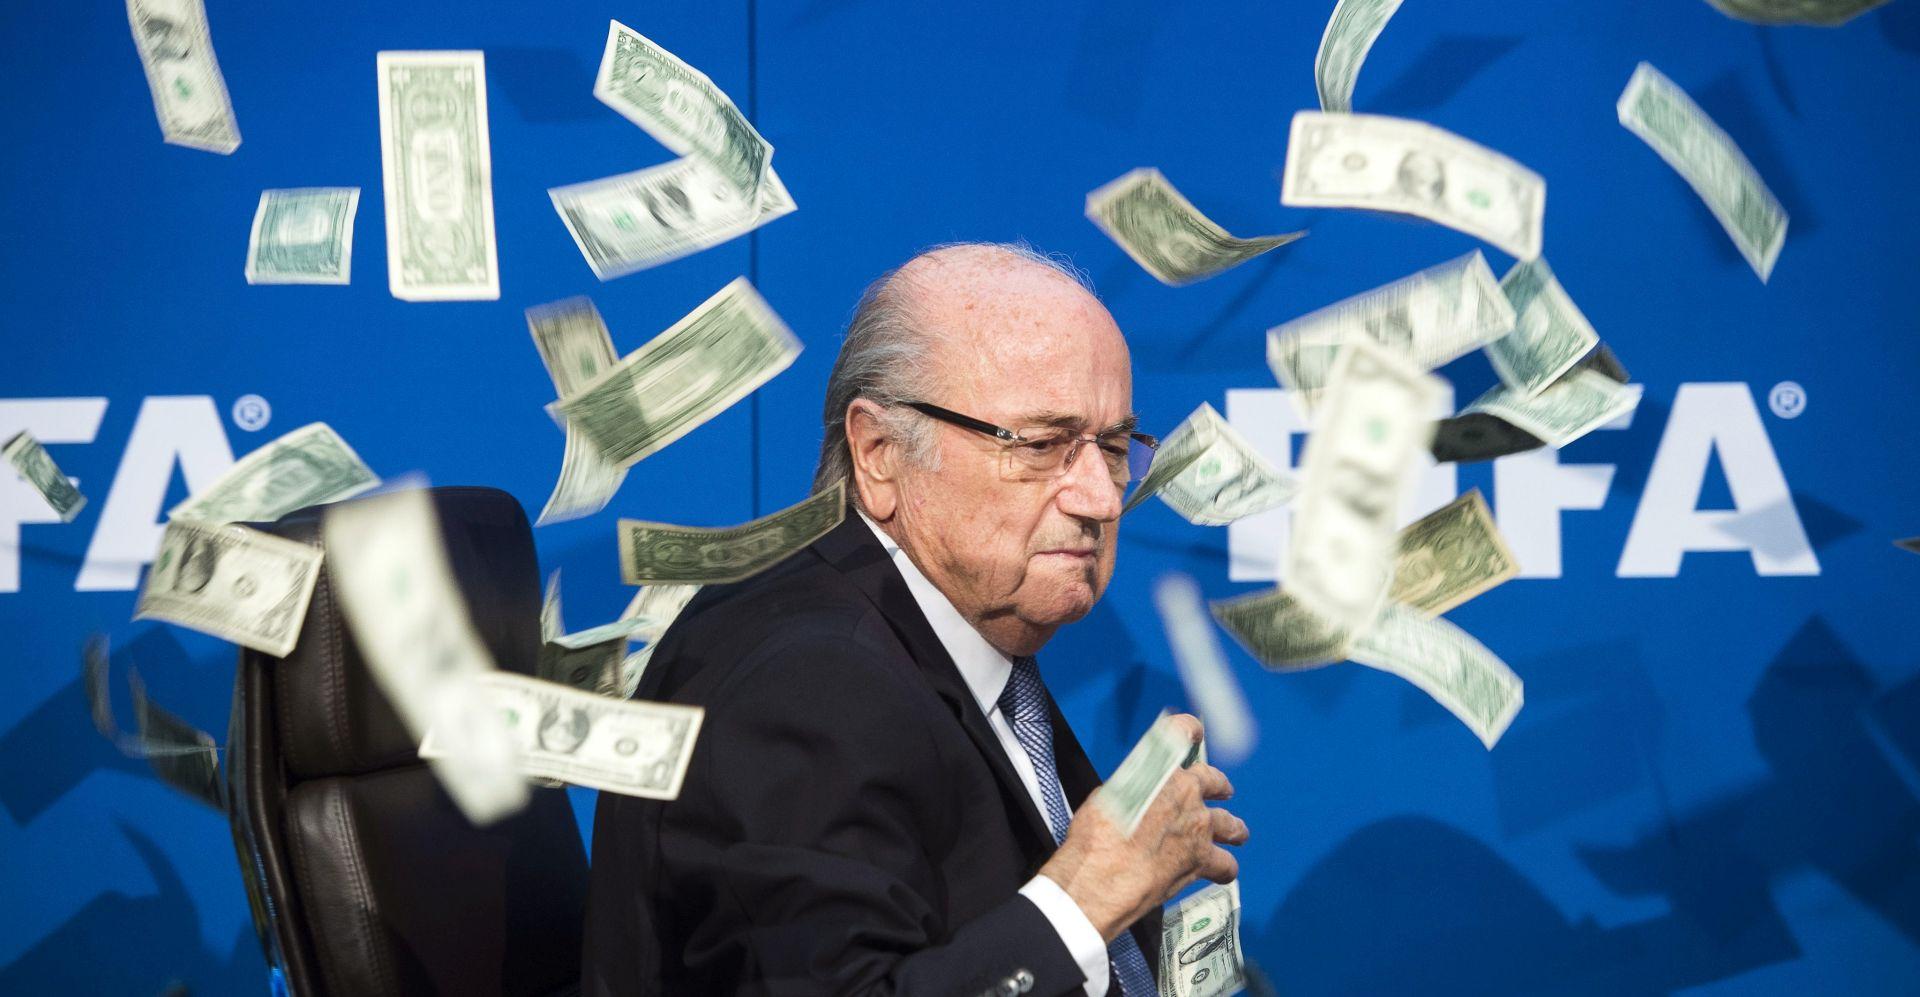 NOVI PROBLEMI Etičko povjerenstvo će suspendirati Blattera na 90 dana